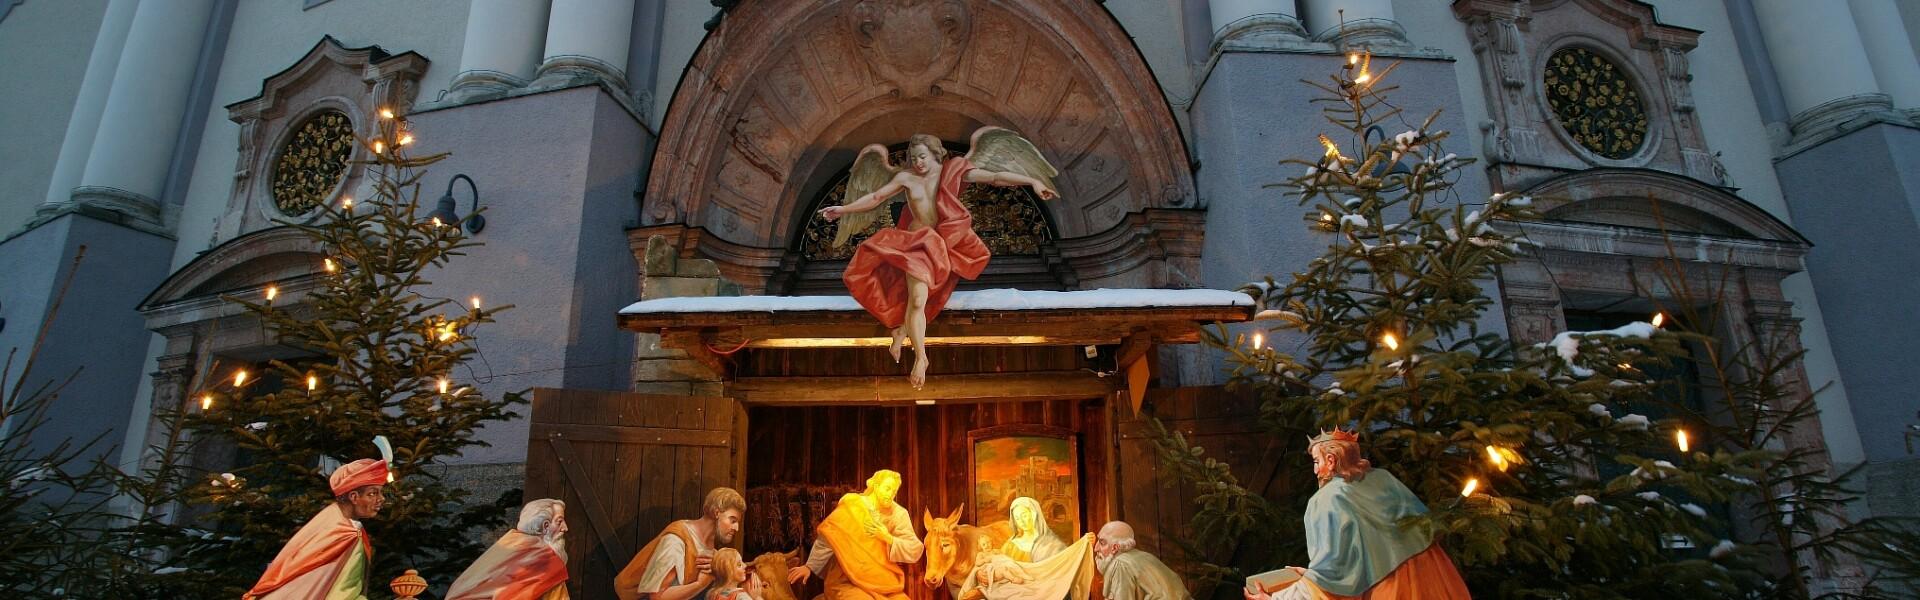 Krippe vor Basilika, Foto Heiner Heine